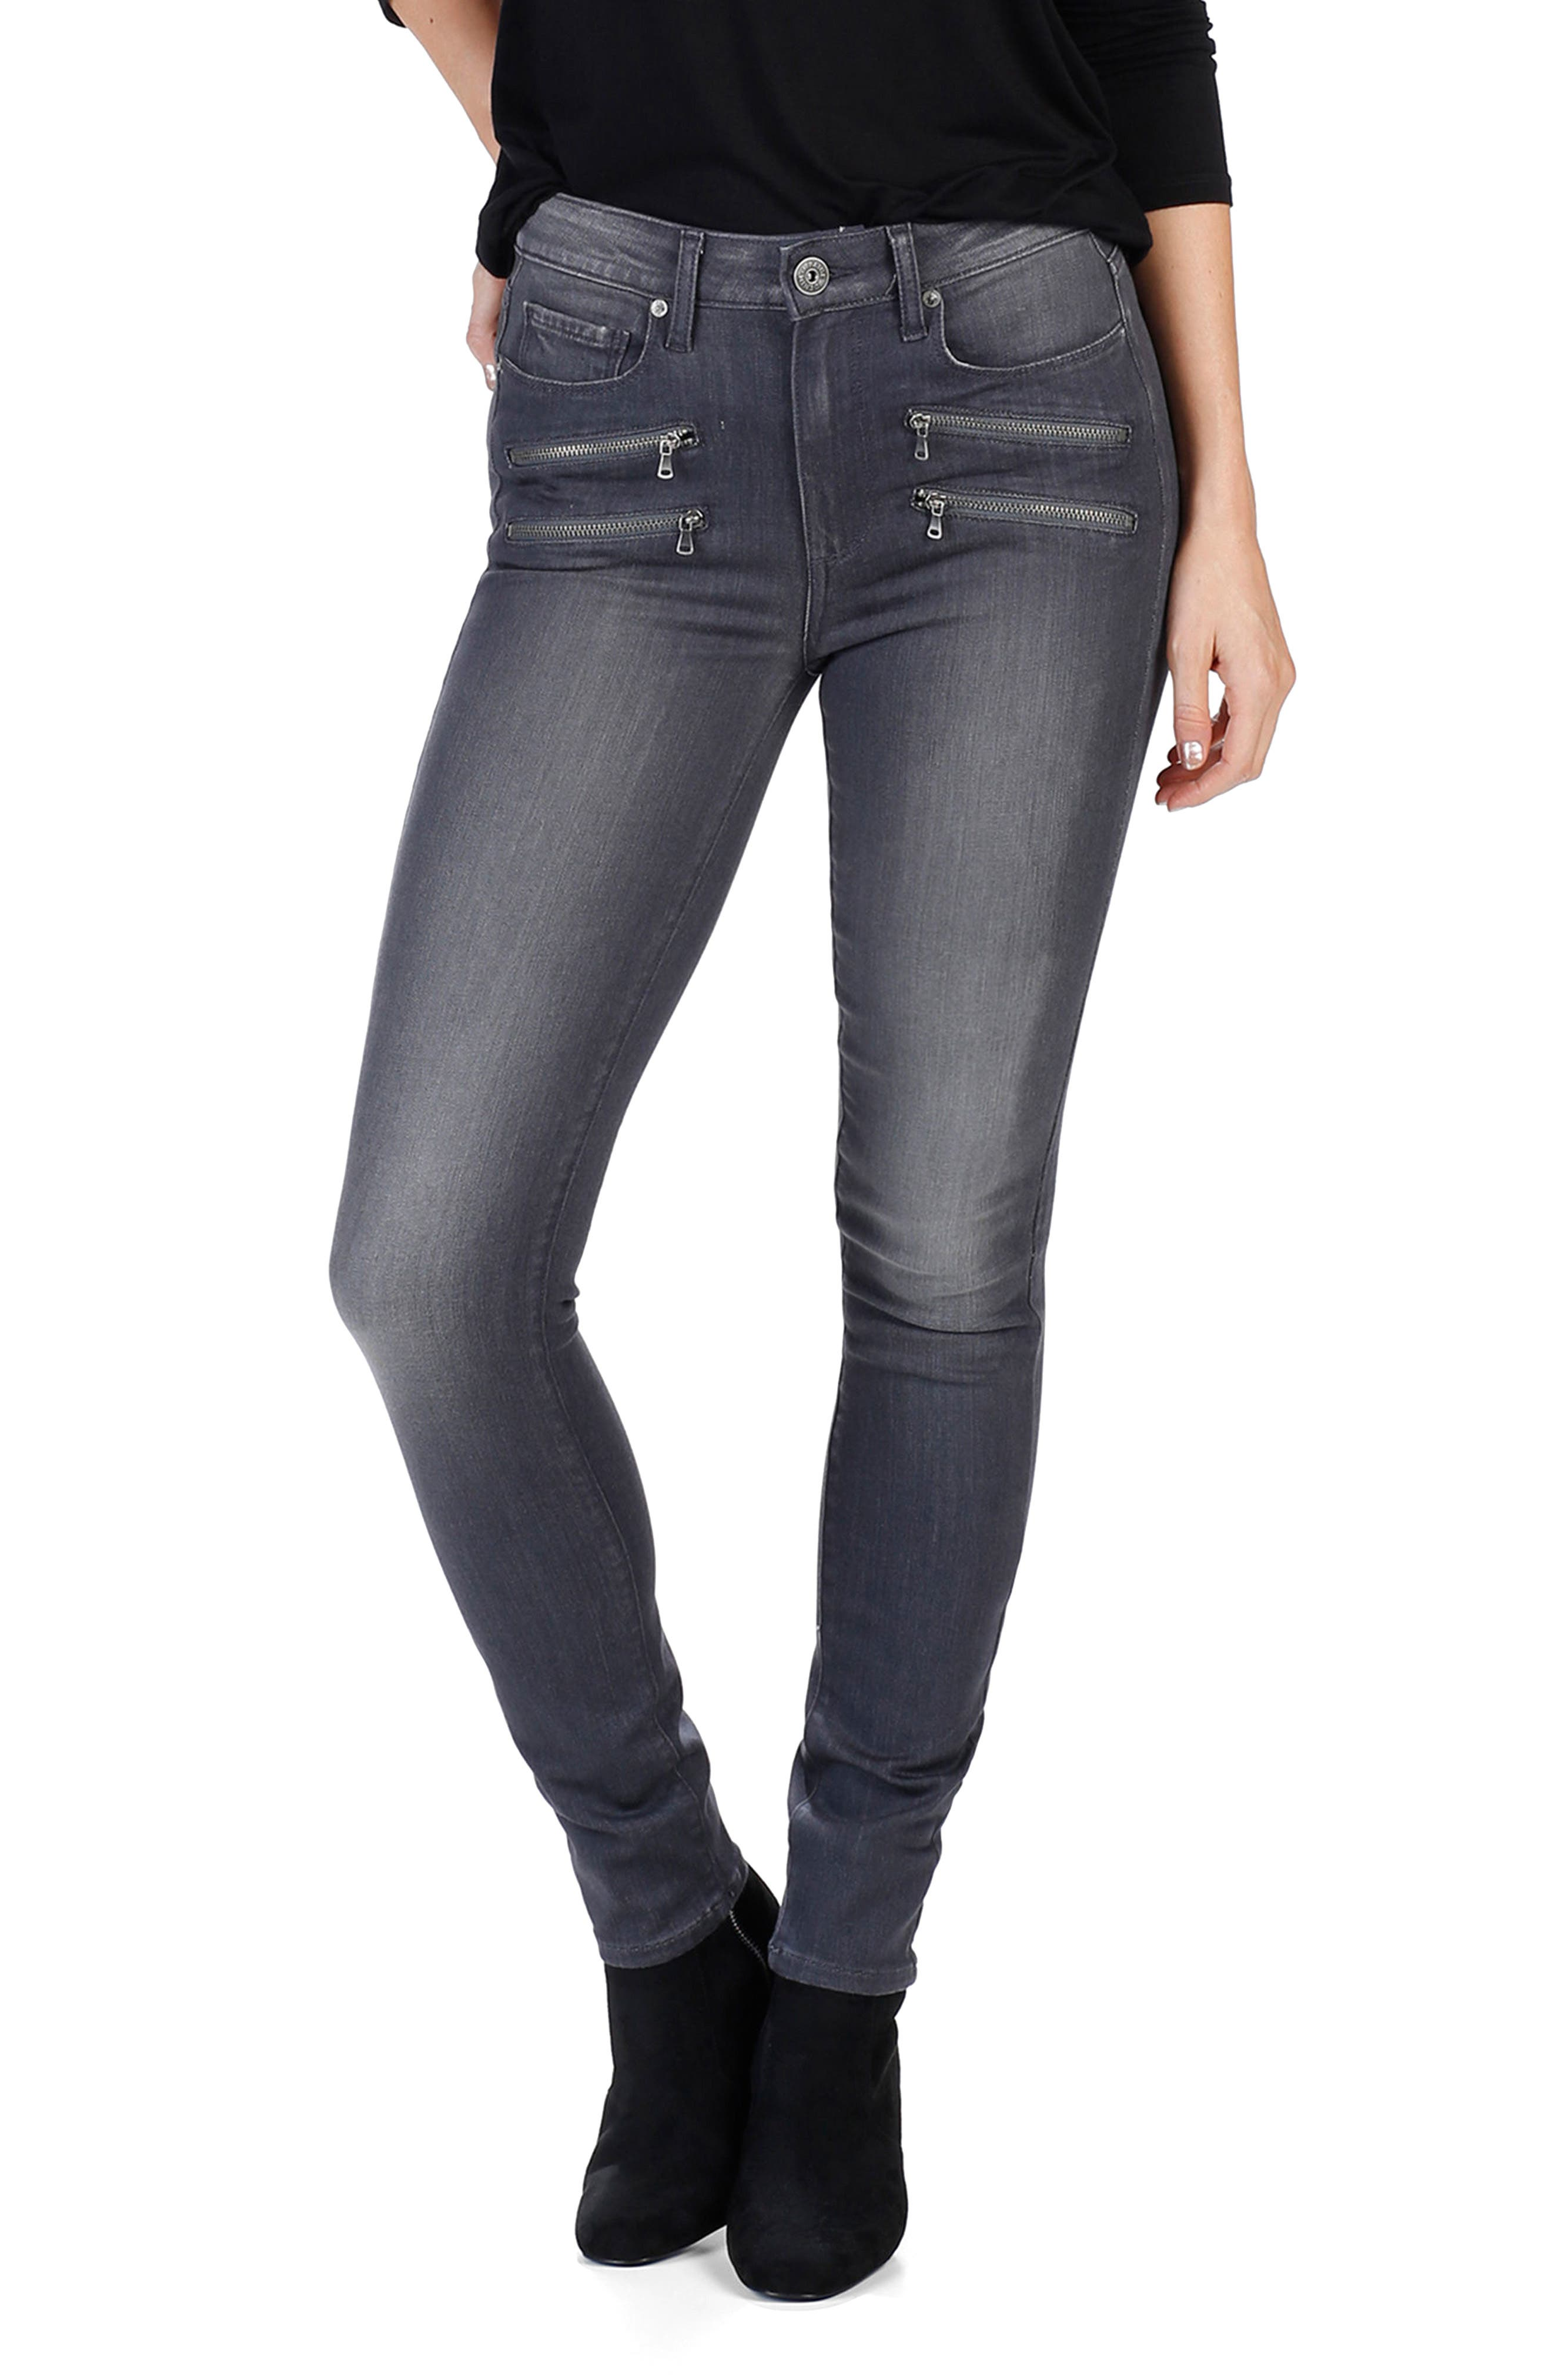 Transcend - Edgemont High Waist Skinny Jeans,                             Alternate thumbnail 2, color,                             020